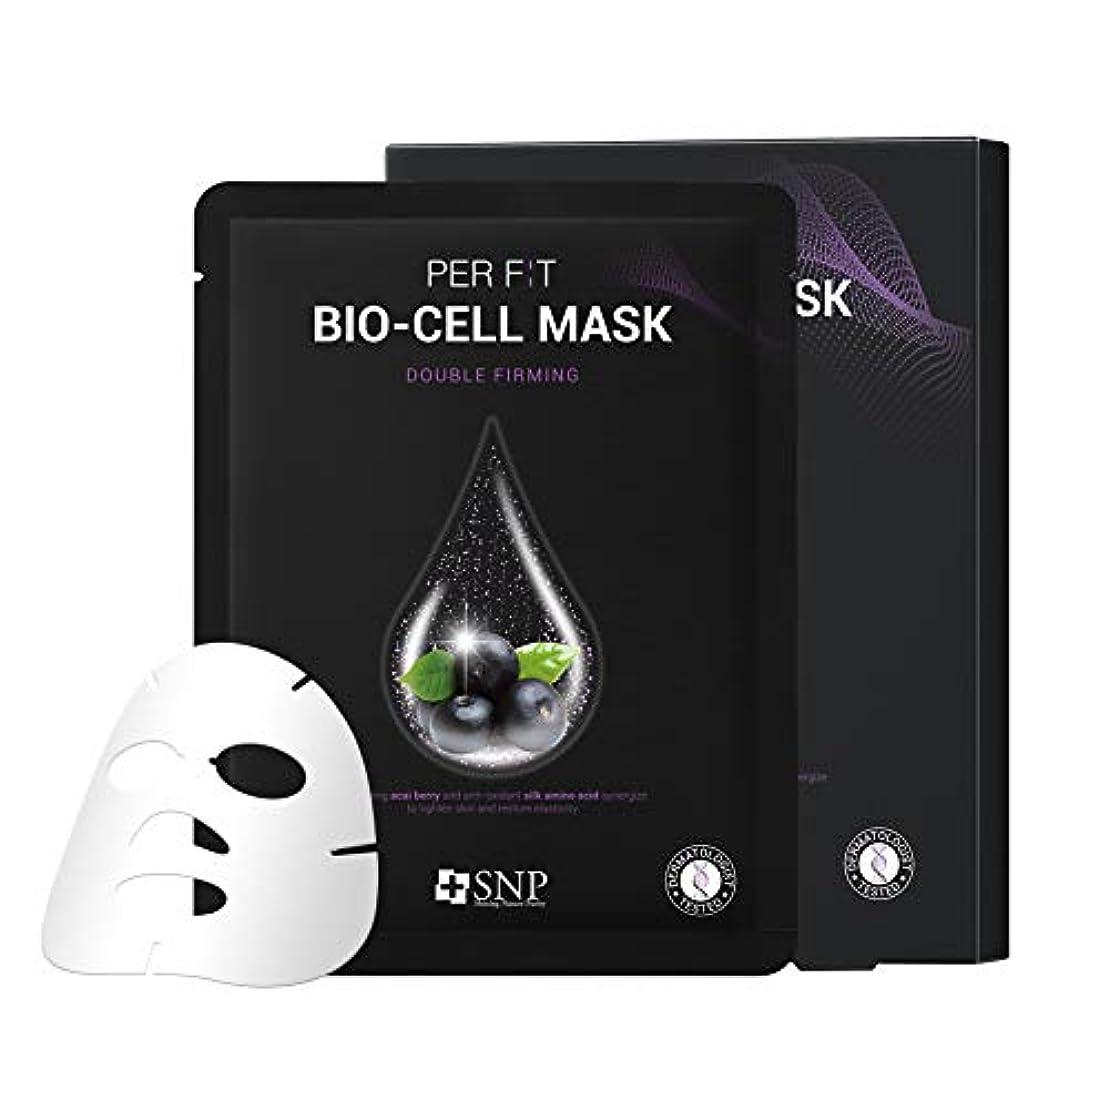 はぁストライク代理人【SNP公式】パーフィット バイオセルマスク ダブルファーミング 5枚セット / PER F:T BIO-CELL MASK DOUBLE FIRMING 韓国パック 韓国コスメ パック マスクパック シートマスク